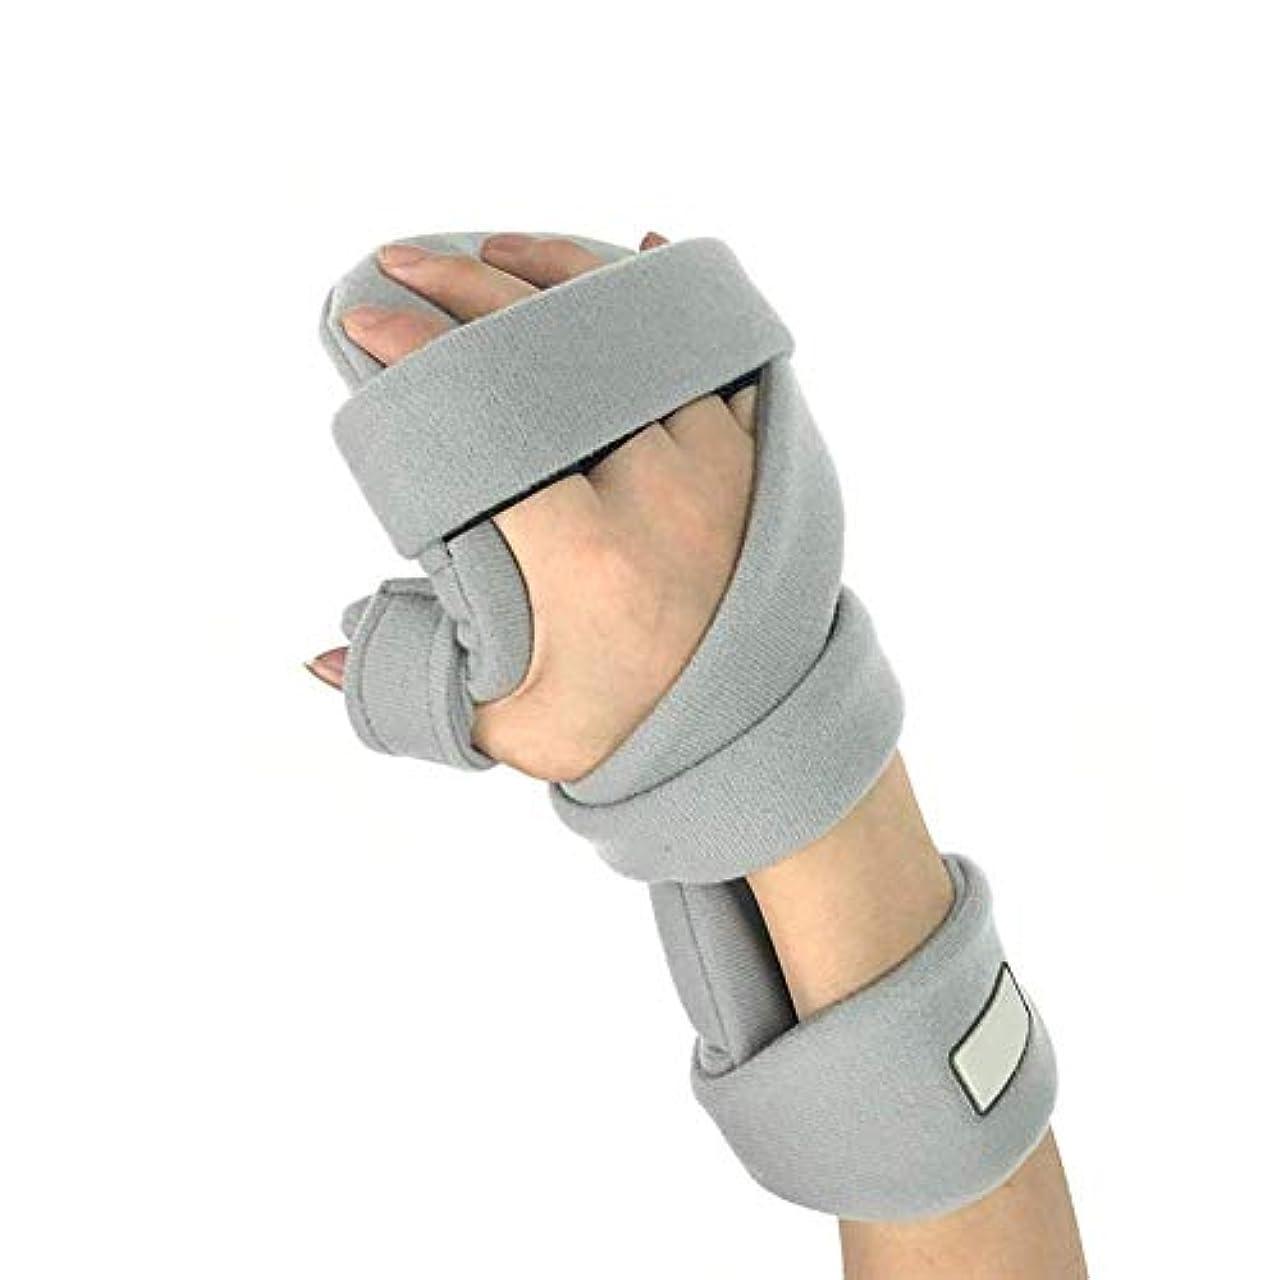 処方うっかりヘッドレス弾性手首サポート副木、指副木、手根管、痛みを軽減する手根管、骨折、捻挫および関節の痛みを軽減,Right